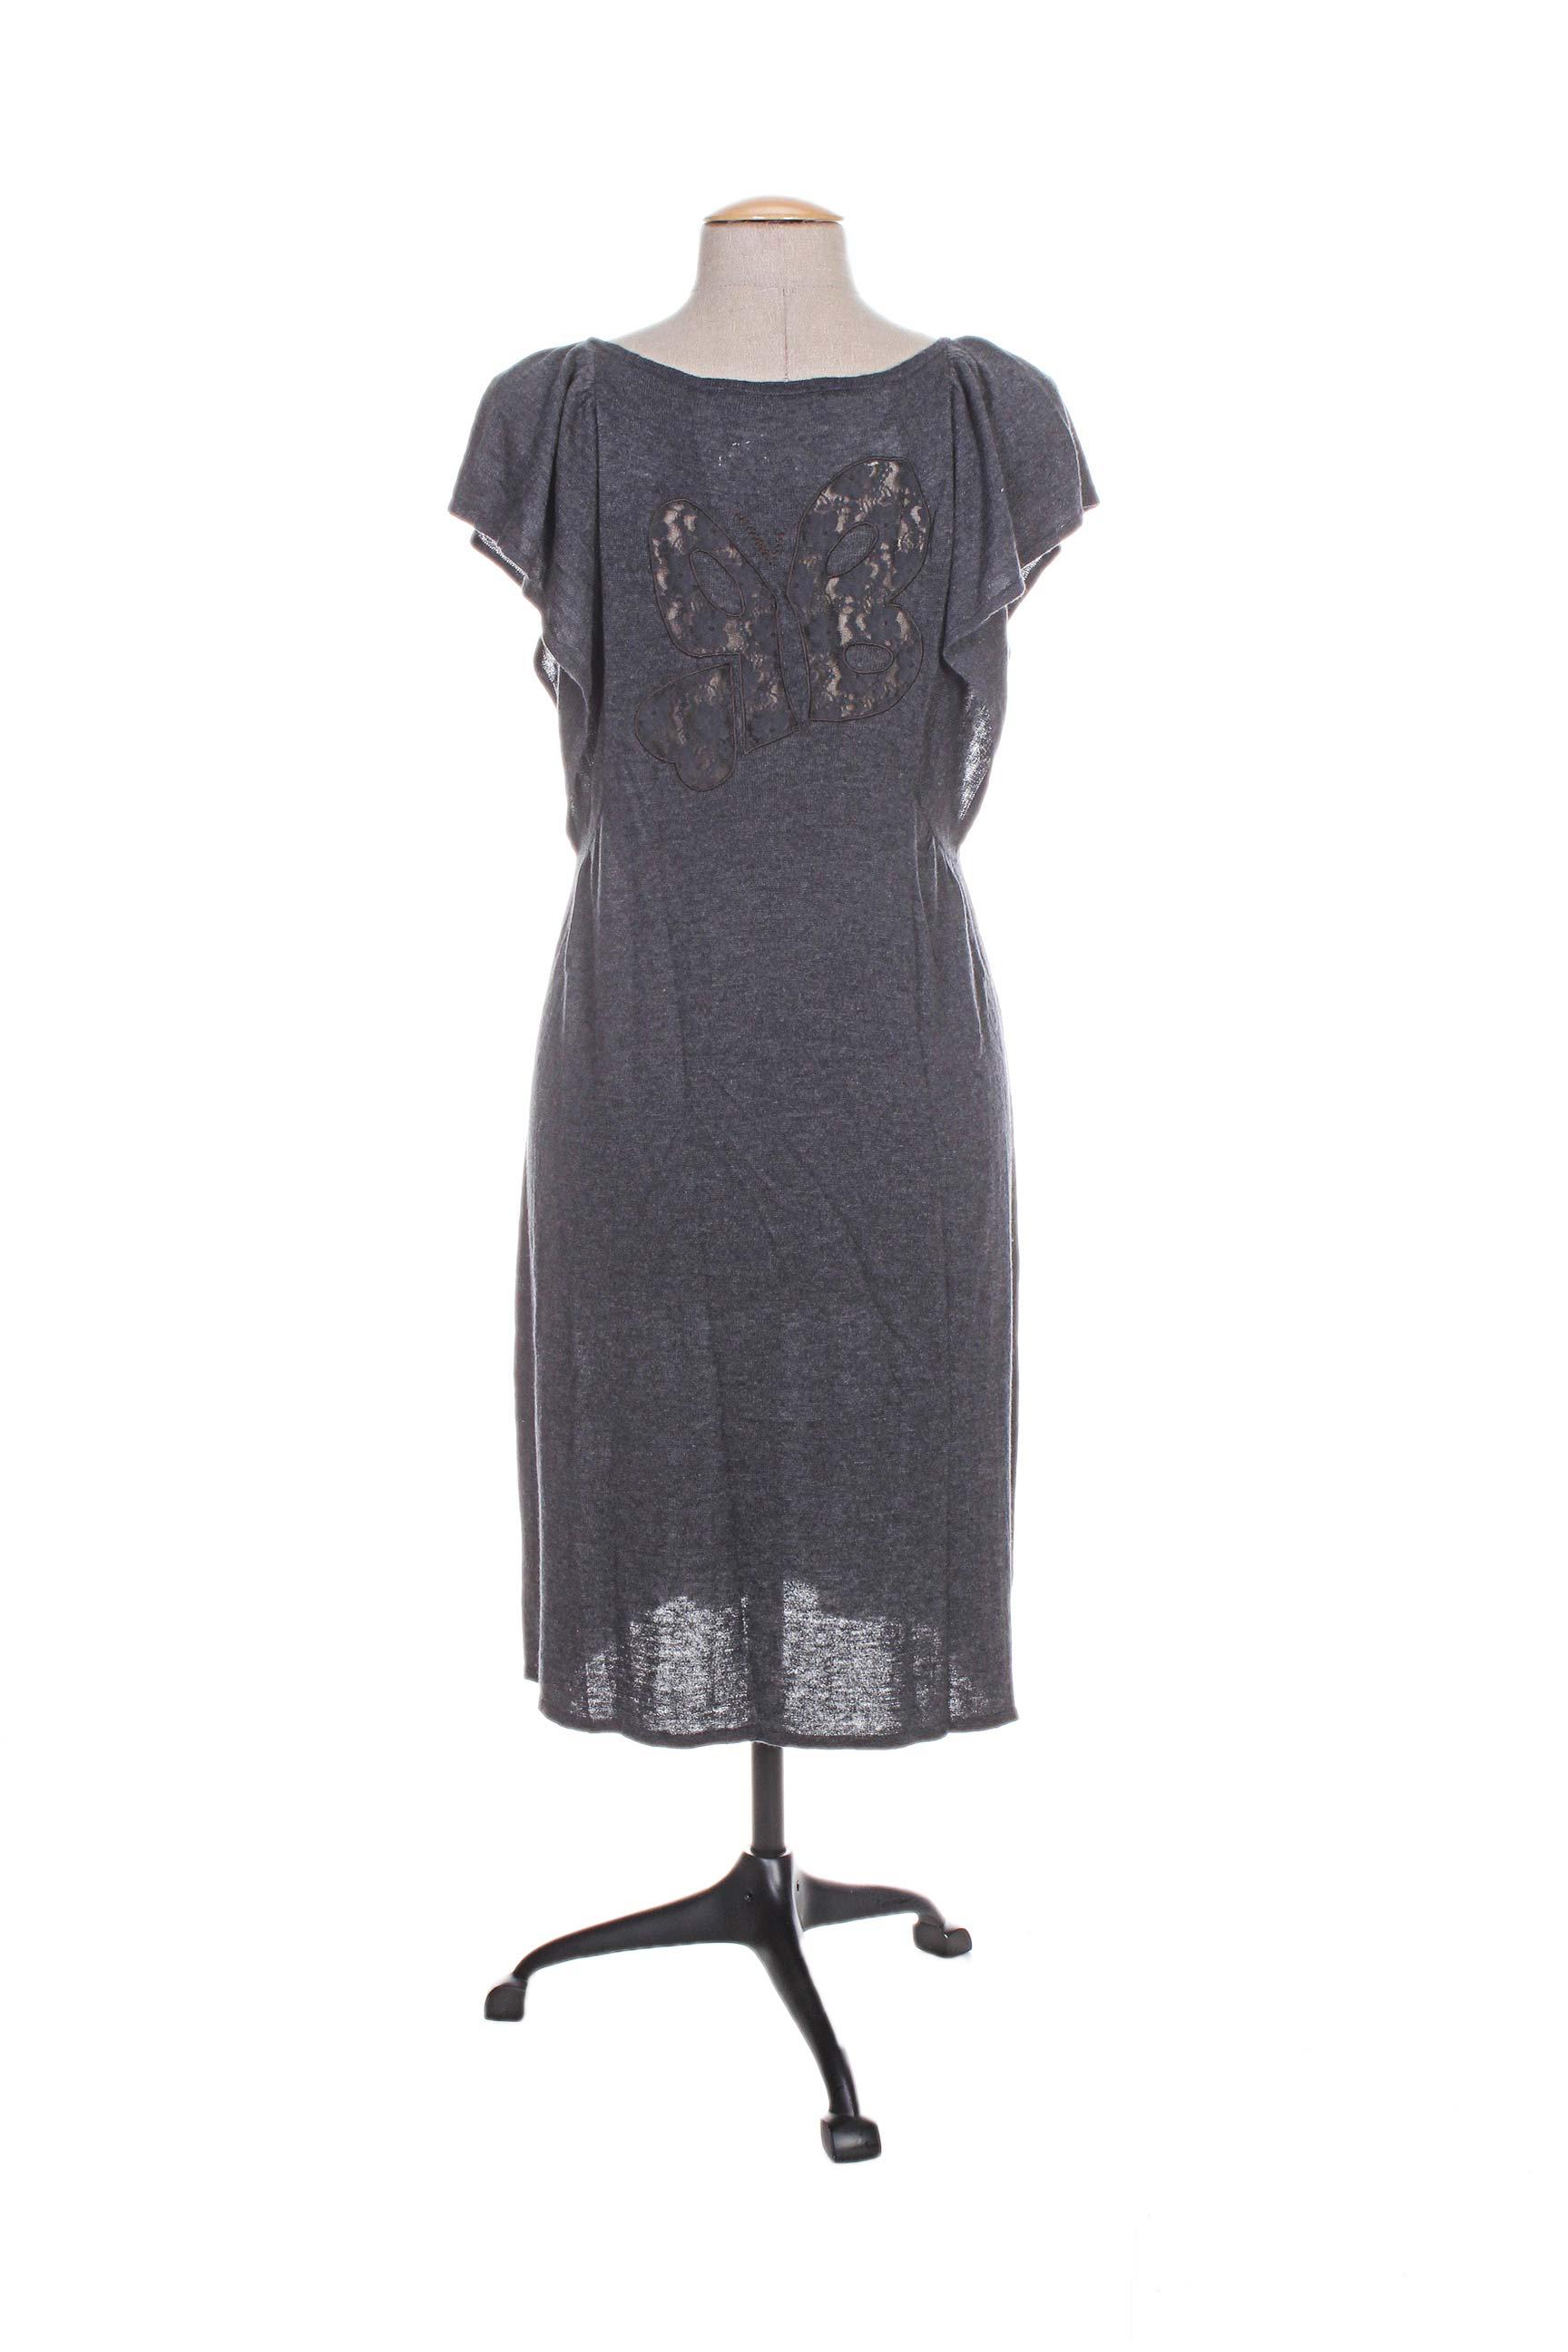 Le Petit Baigneur Robes Mi Longues Femme De Couleur Gris En Soldes Pas Cher 1098528-gris00